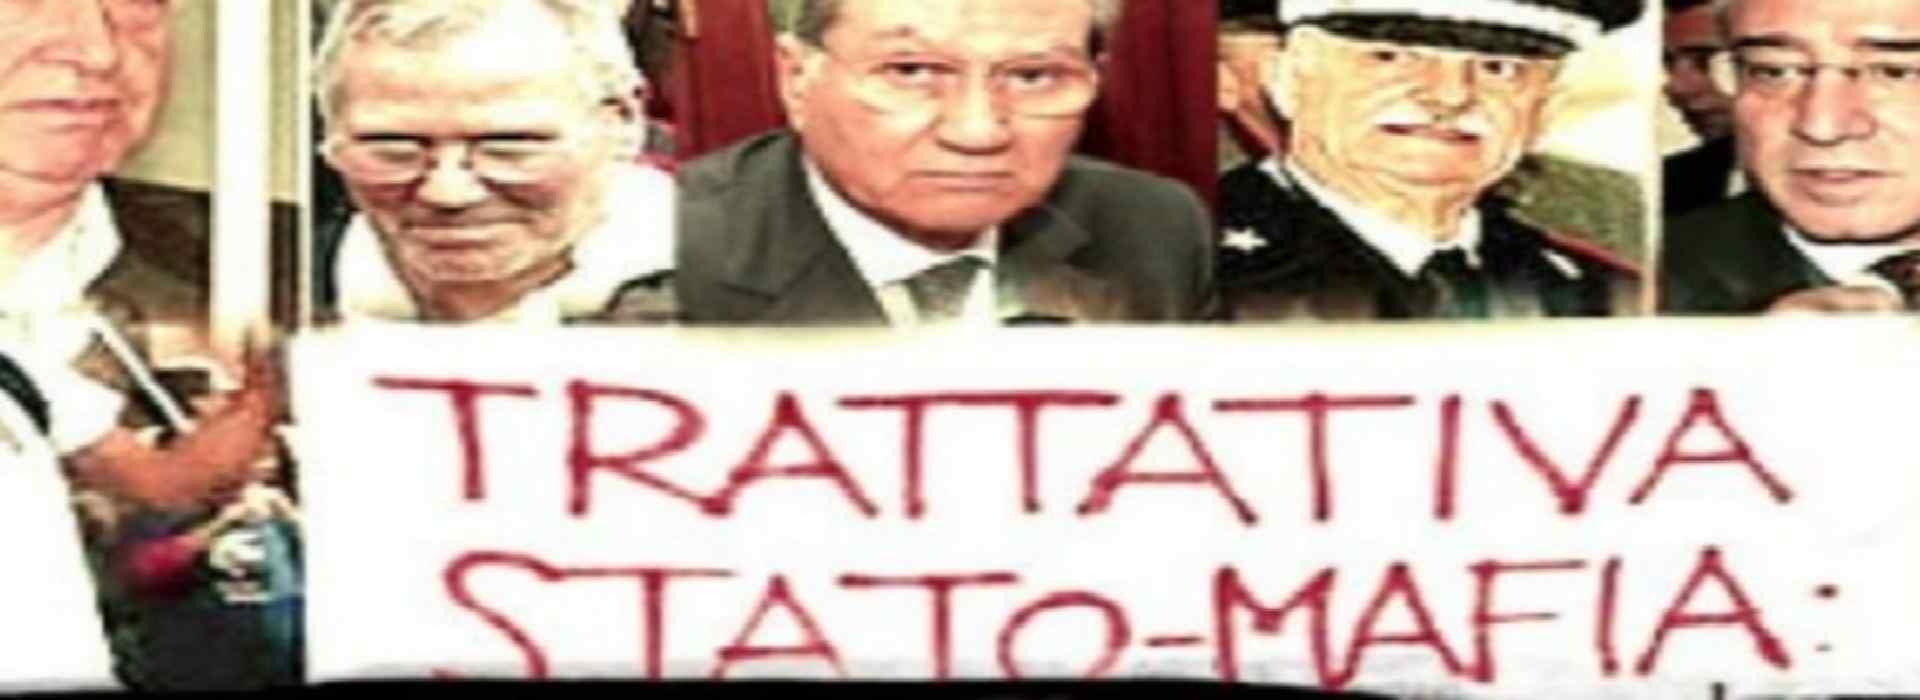 Mafia, stragi e politica. Cosa nostra oggi compra lo Stato: una trattativa tra coppole e cravatte